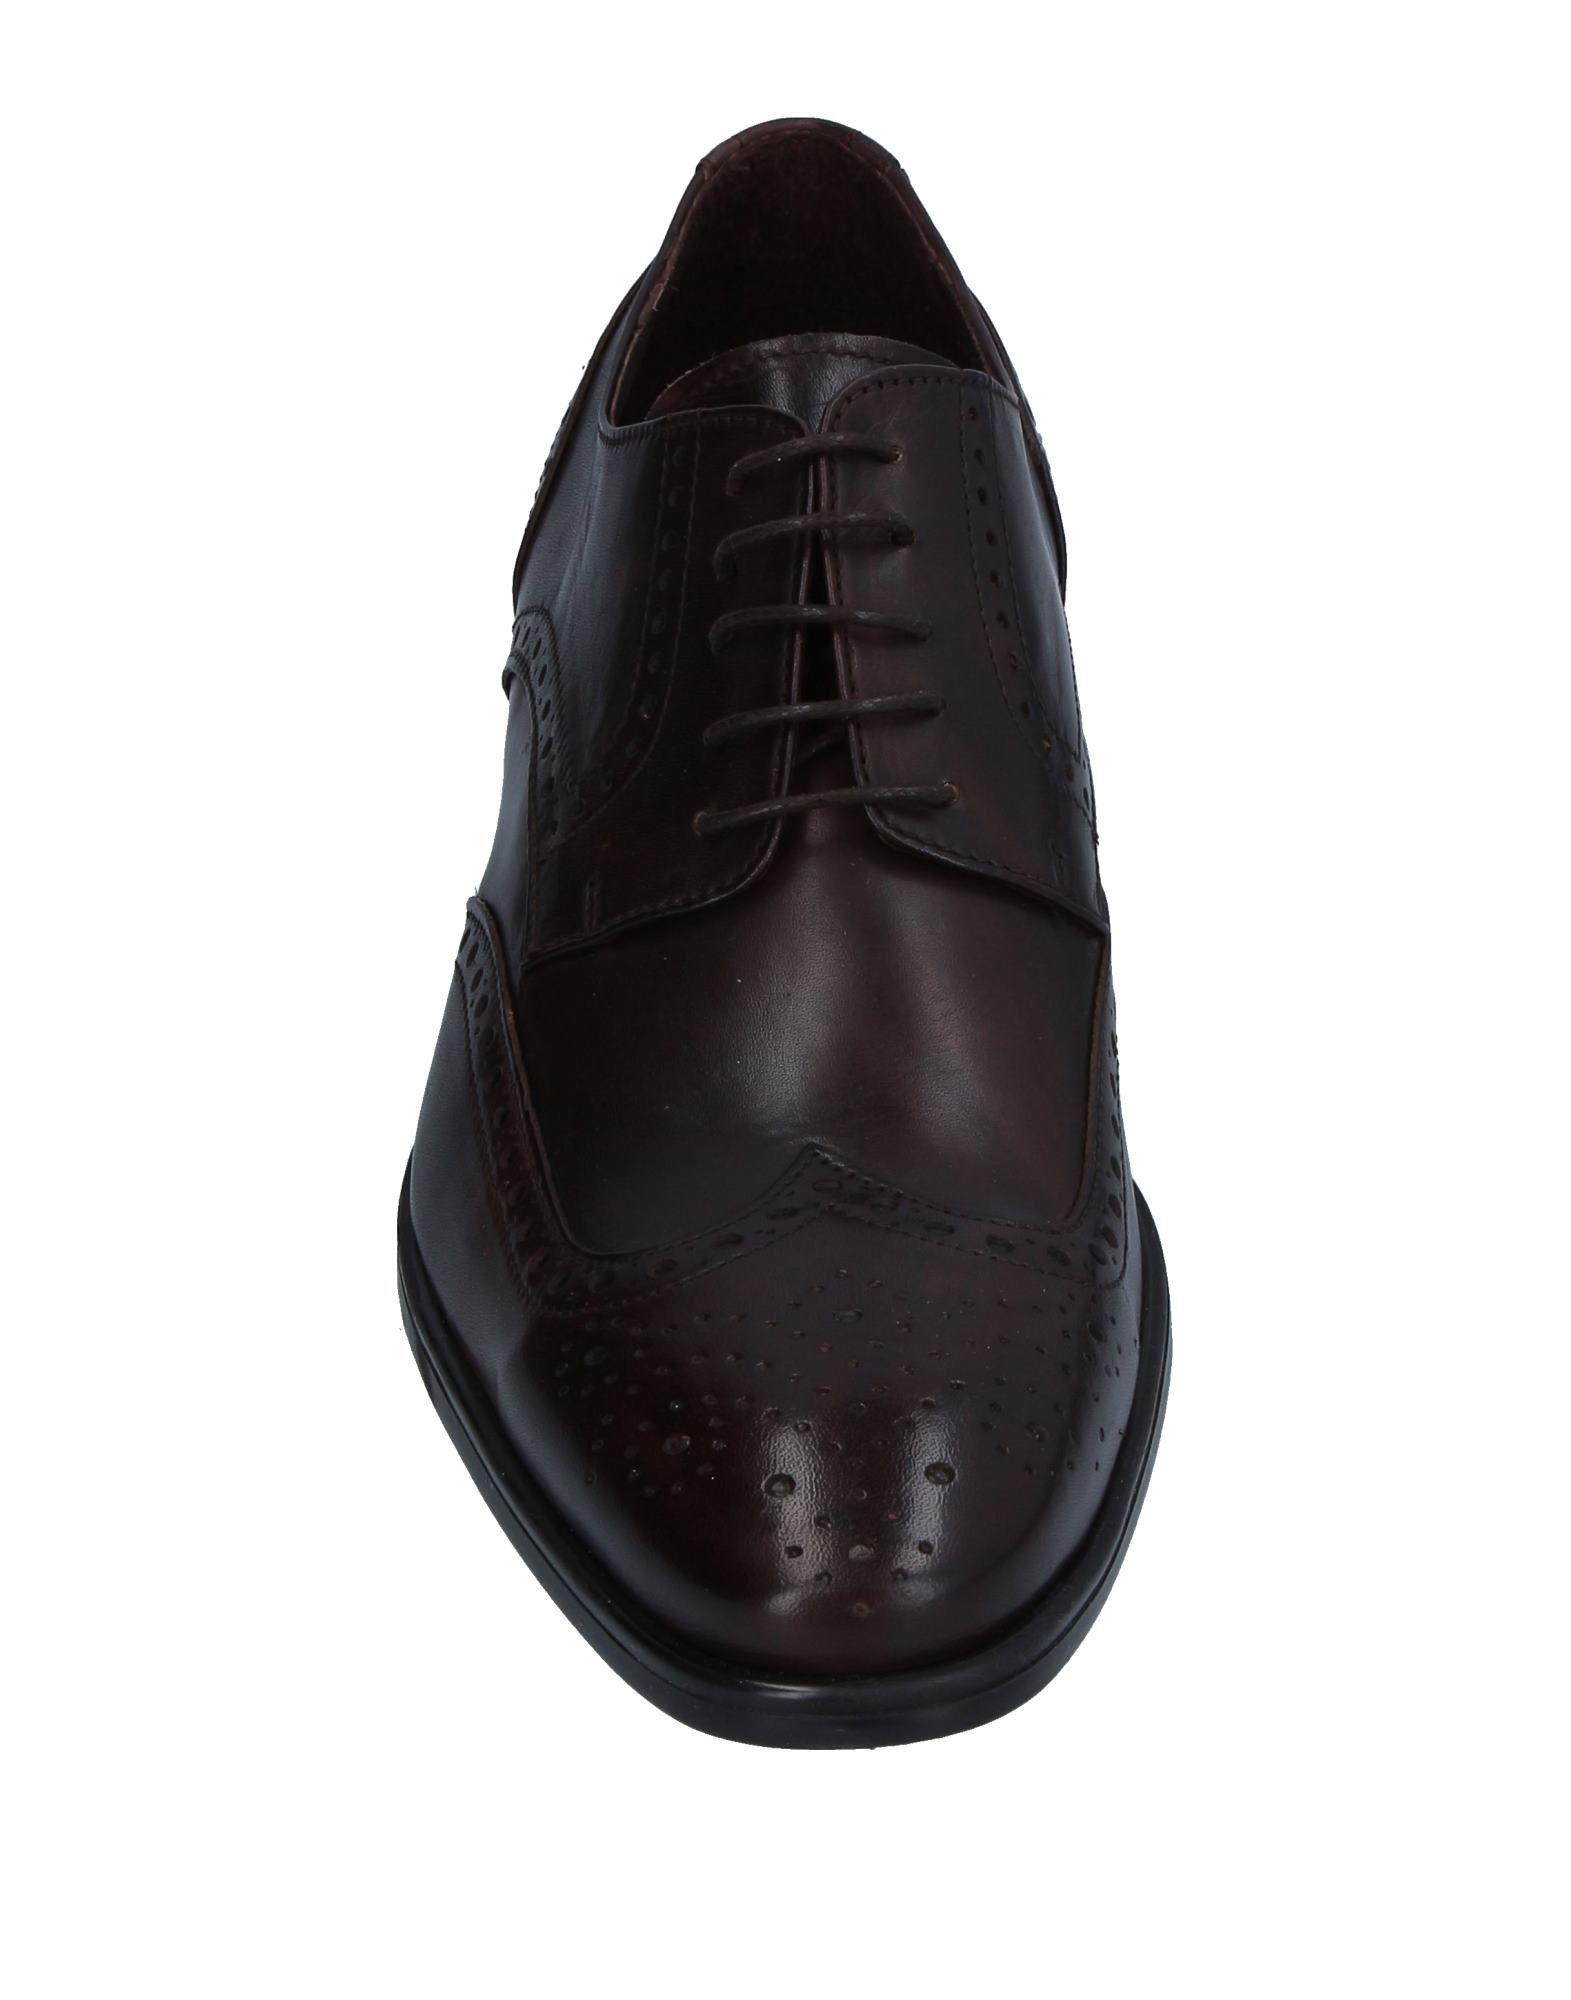 CHAUSSURES - Chaussures à lacetsAngelo Pallotta Y3EaUAD